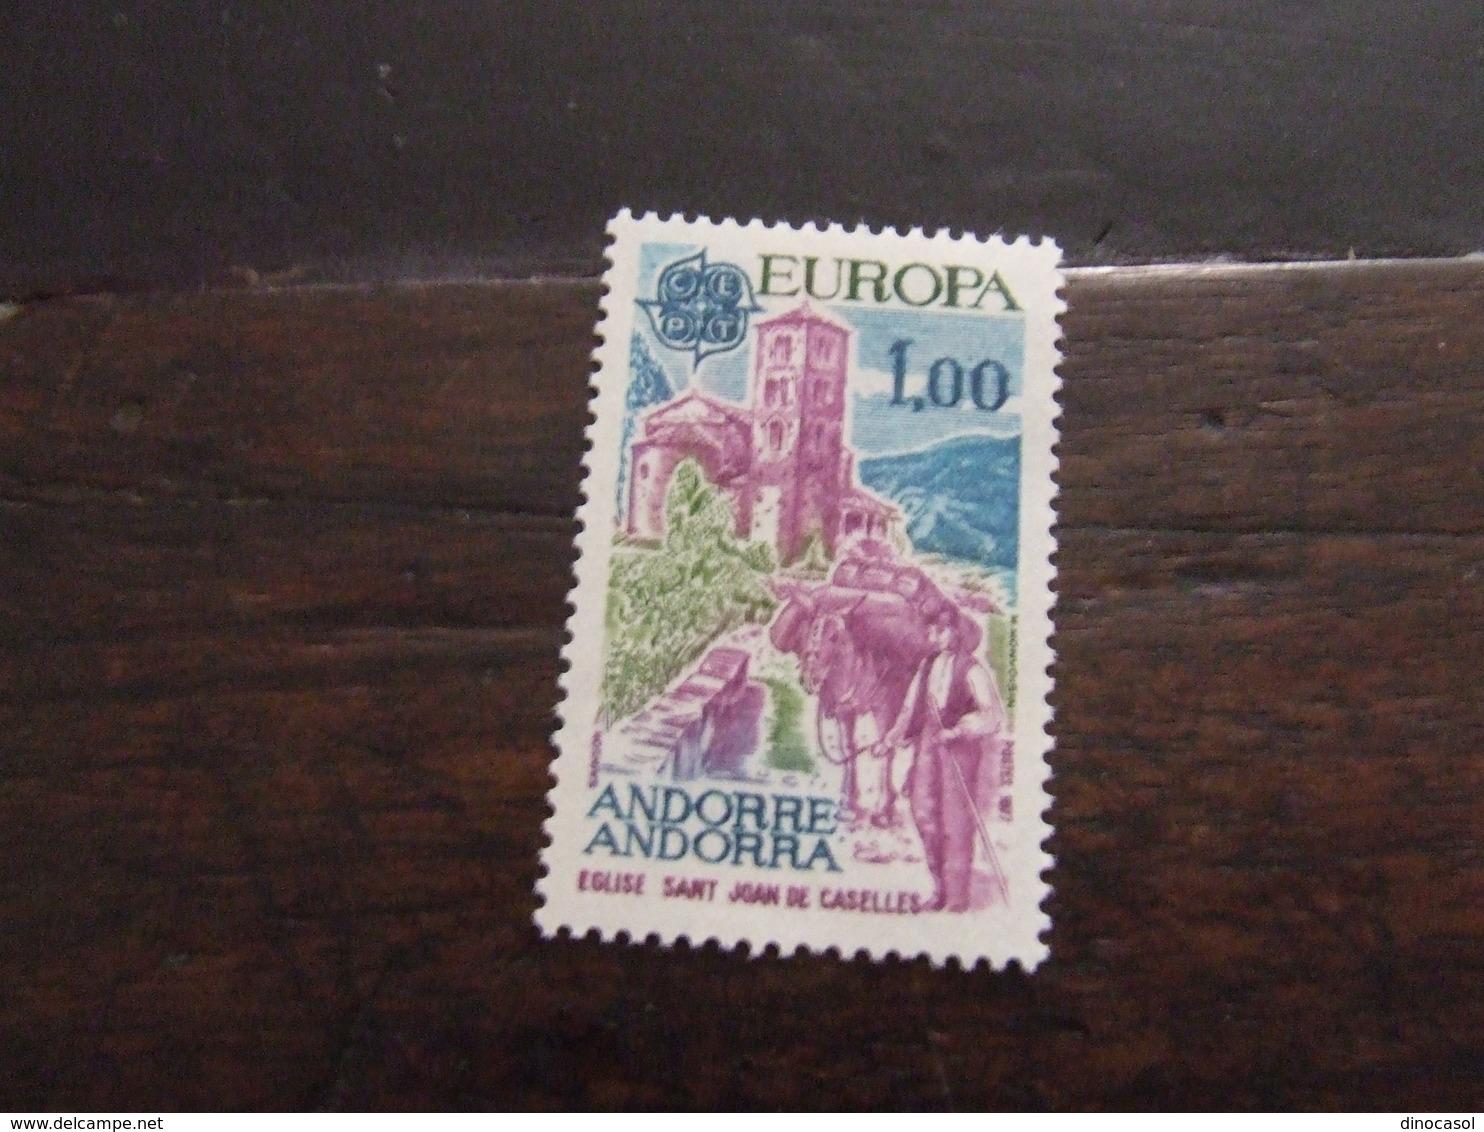 ANDORRA 1977 EUROPA 1 F  NUOVO ** - 1977